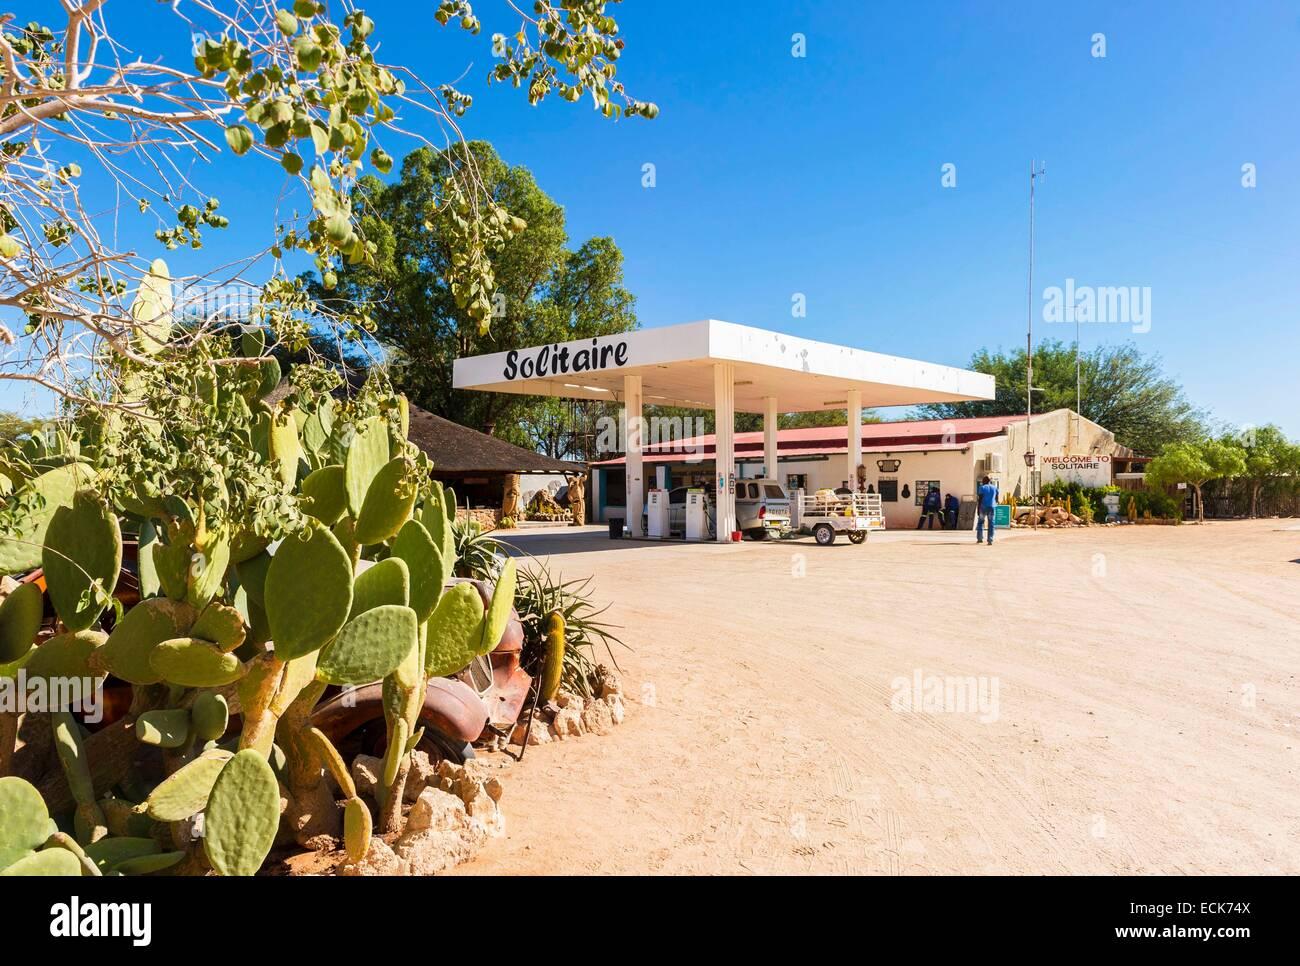 La Namibie Khomas, région, station essence Solitaire Photo Stock